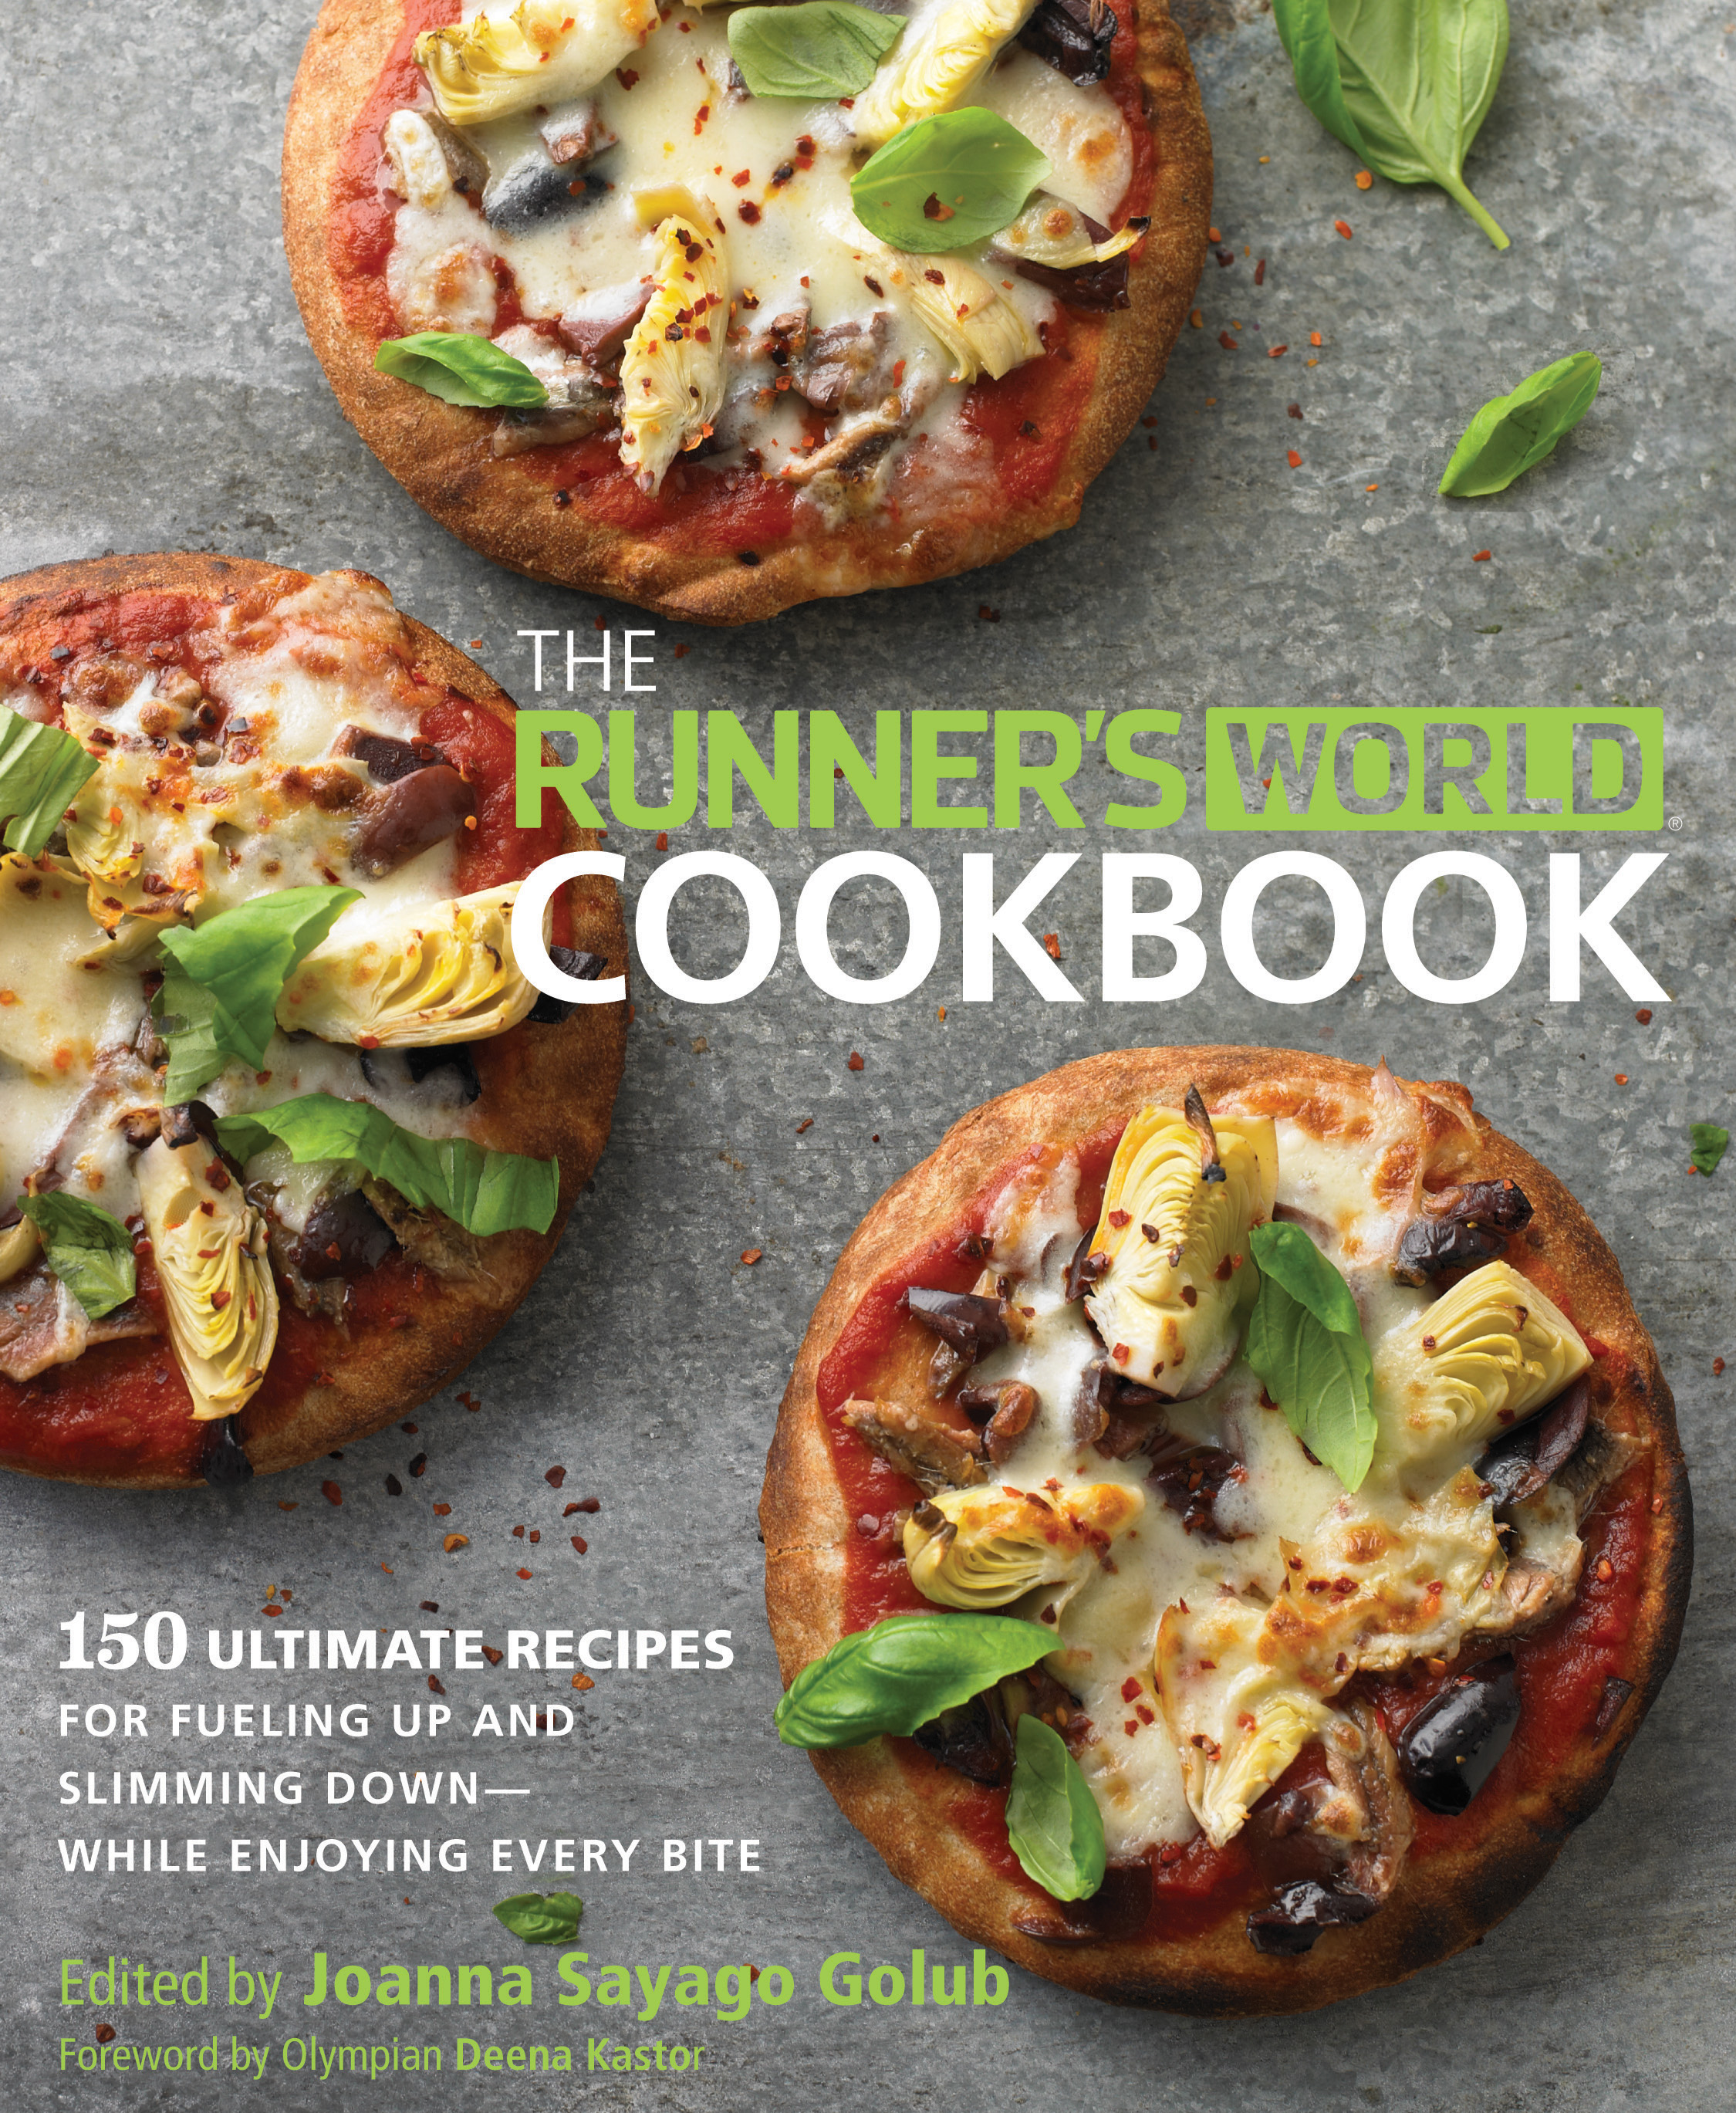 Rodale - The Runner's World Cookbook - 9781623361242.jpg